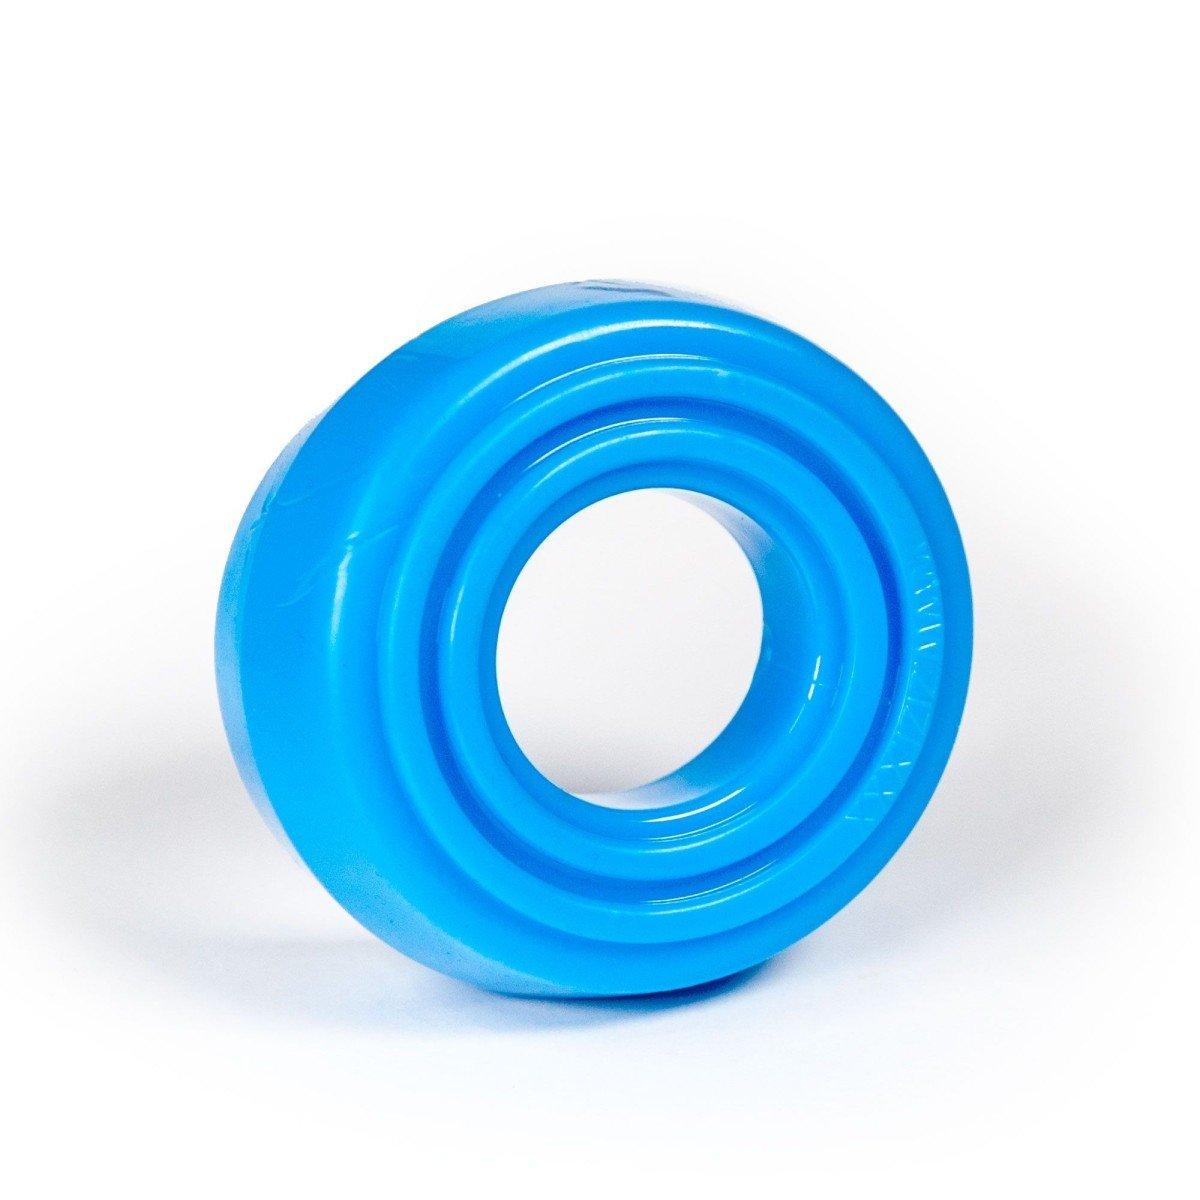 Erekční kroužek Zizi Accelerator modrý